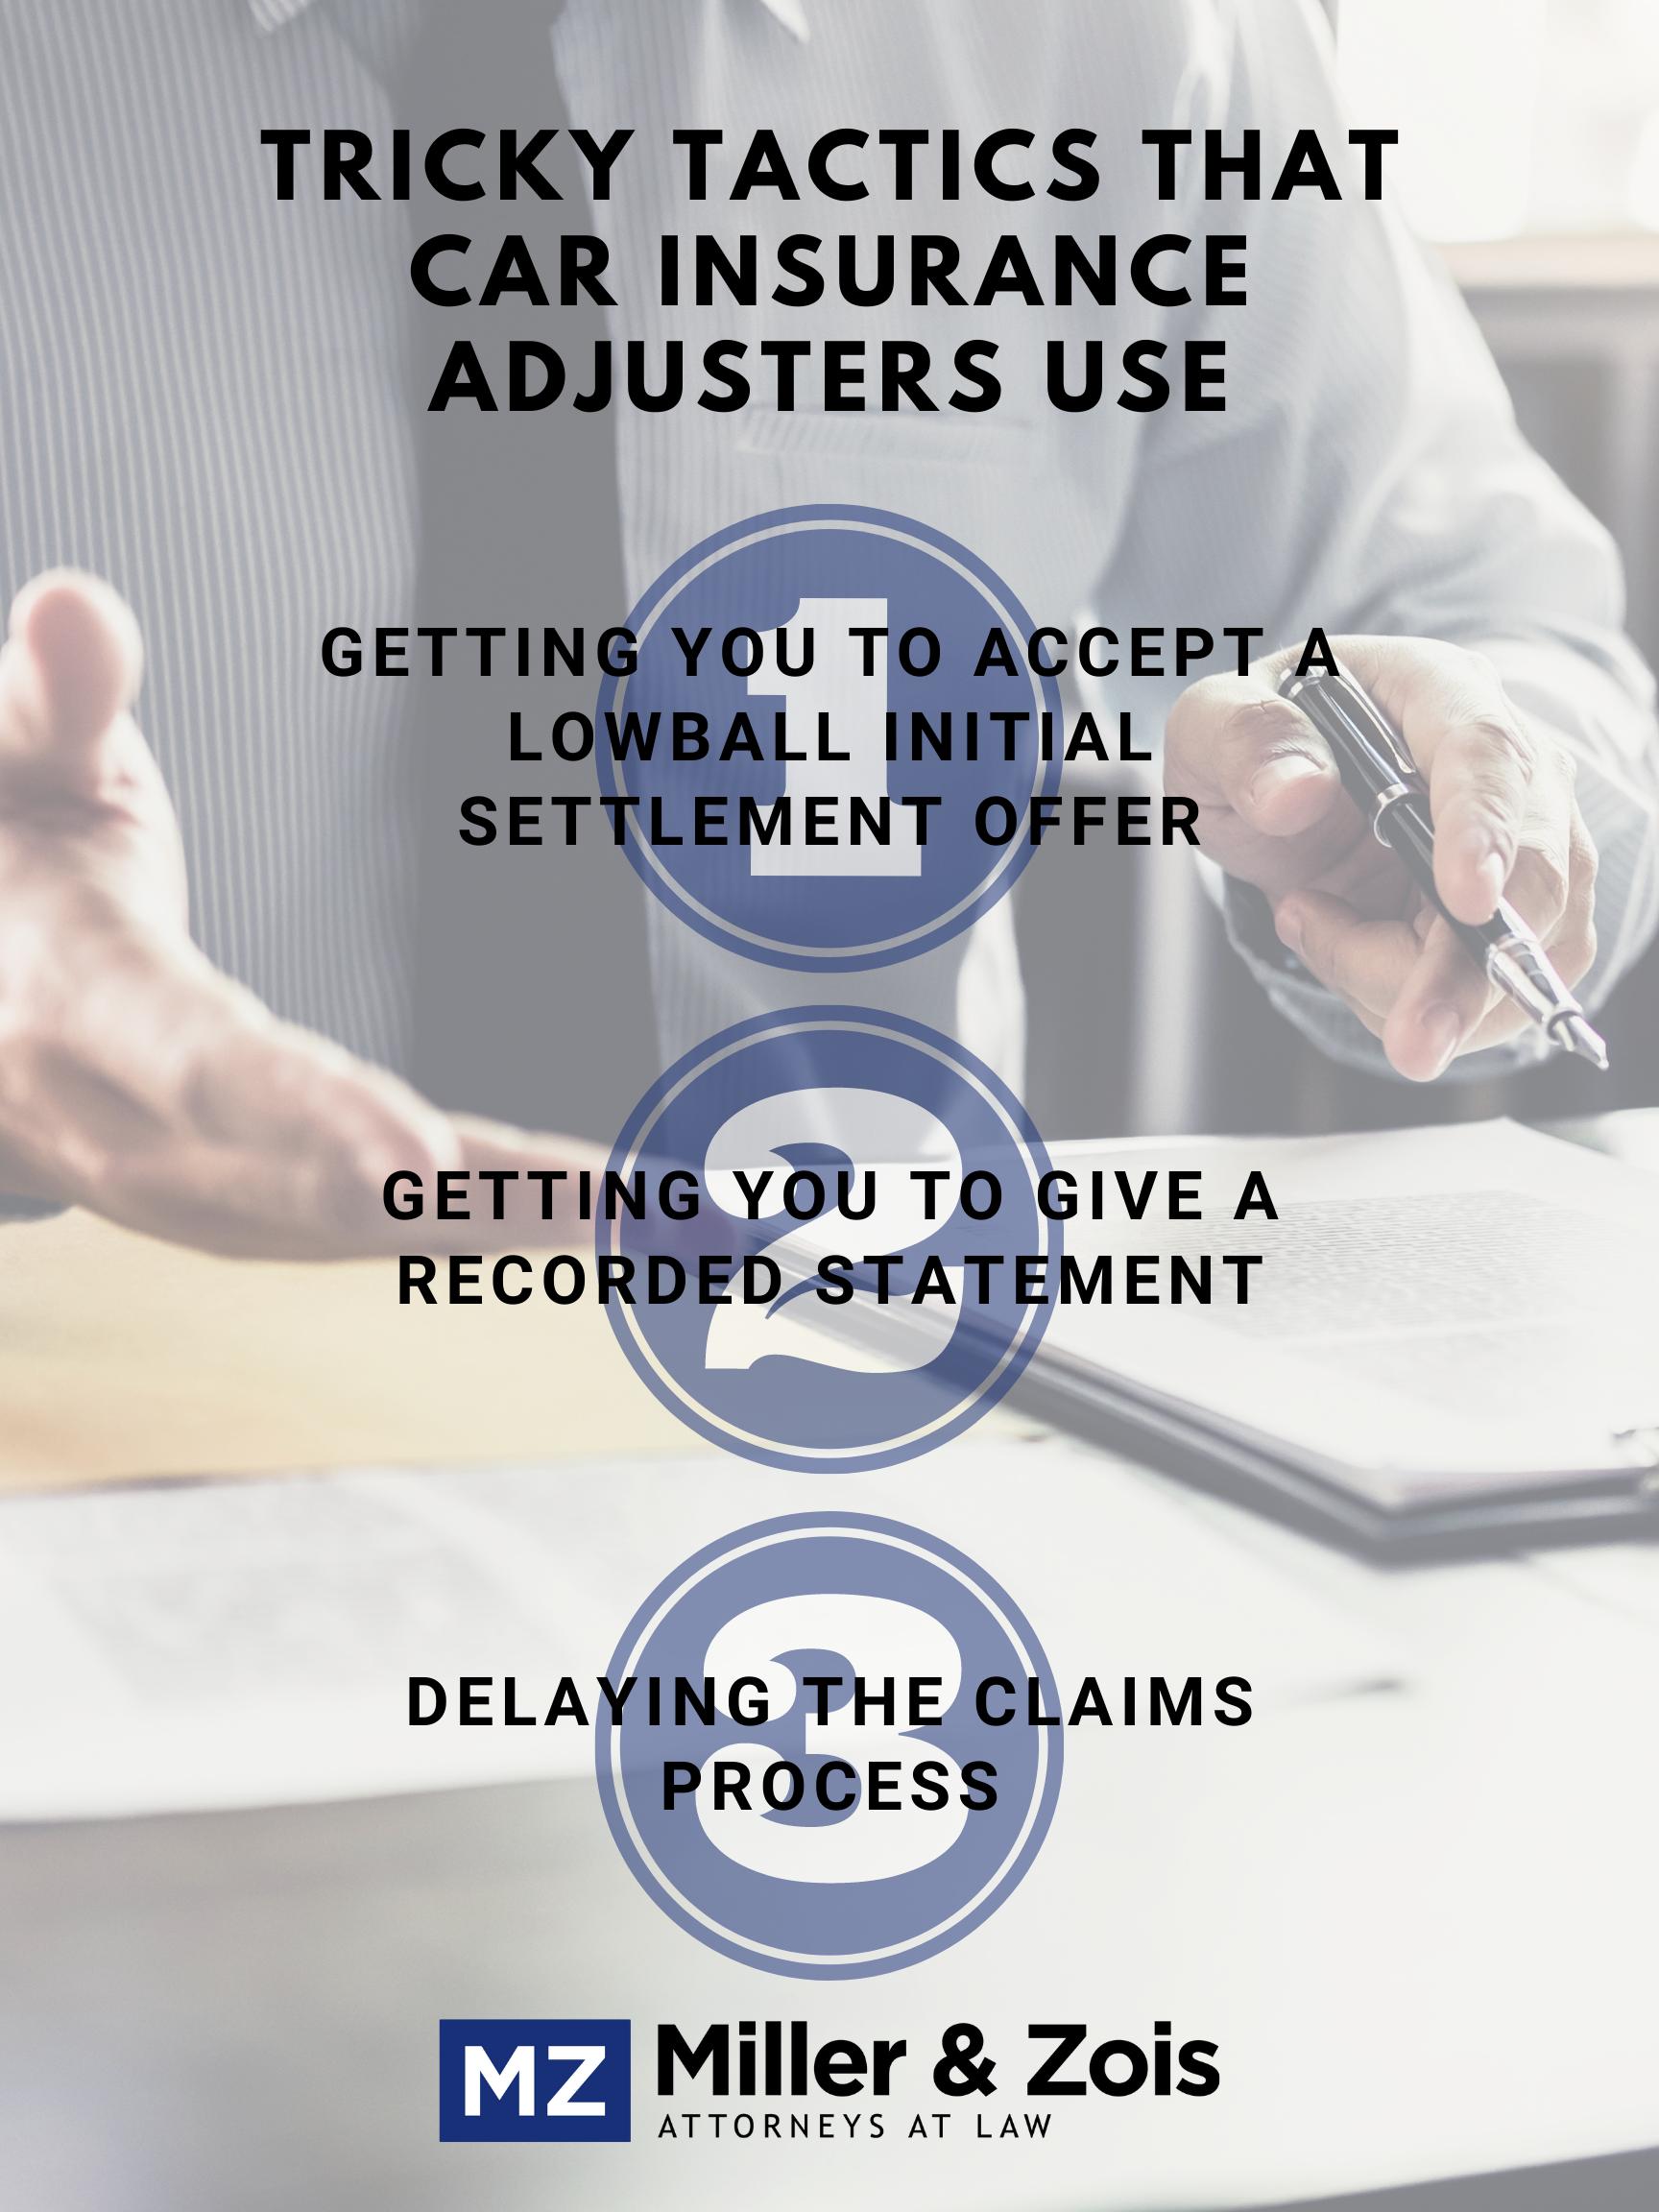 Insurance-Adjuster-Tactics